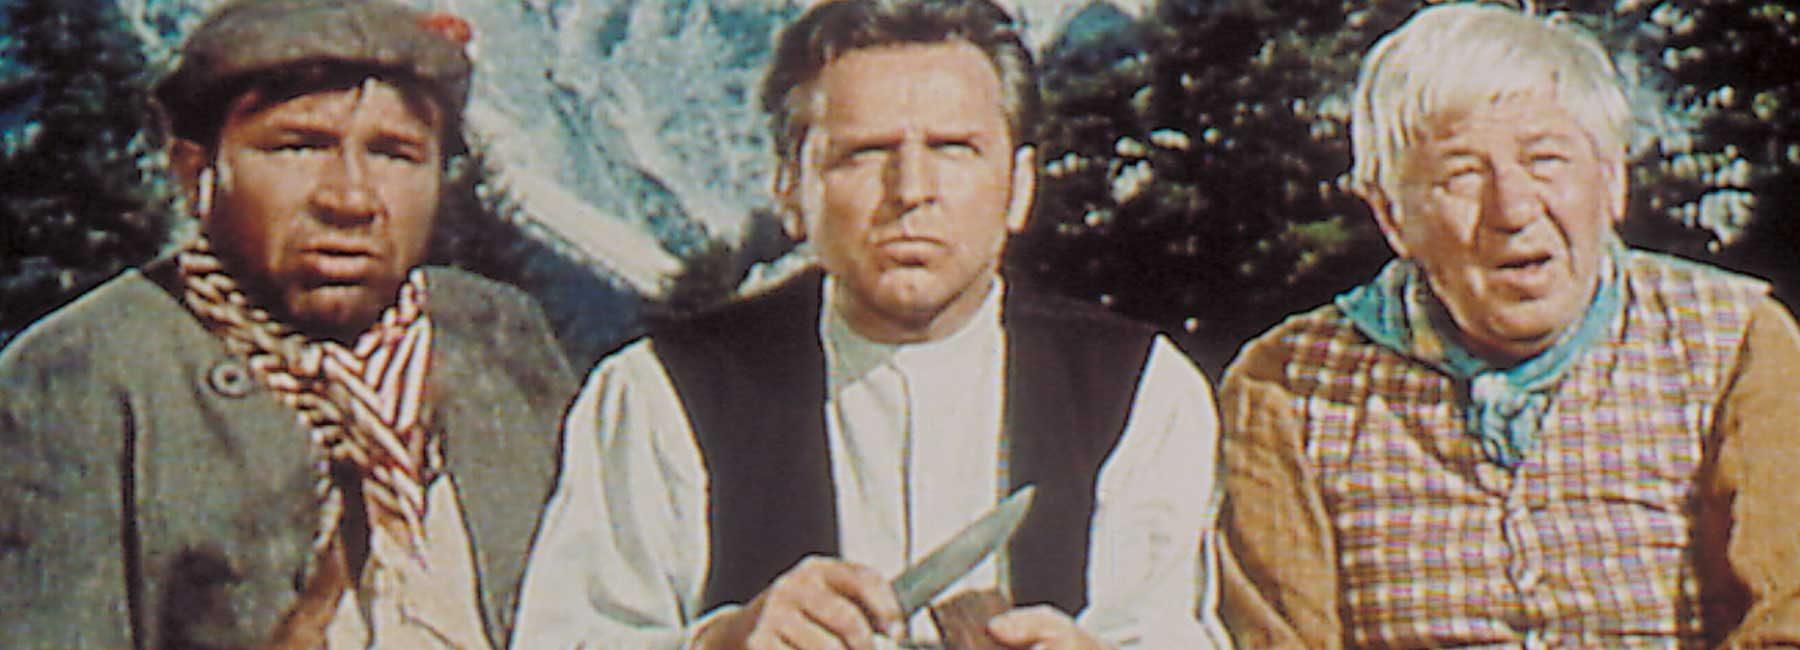 Paul Hörbiger - ein Jahrhundertschauspieler